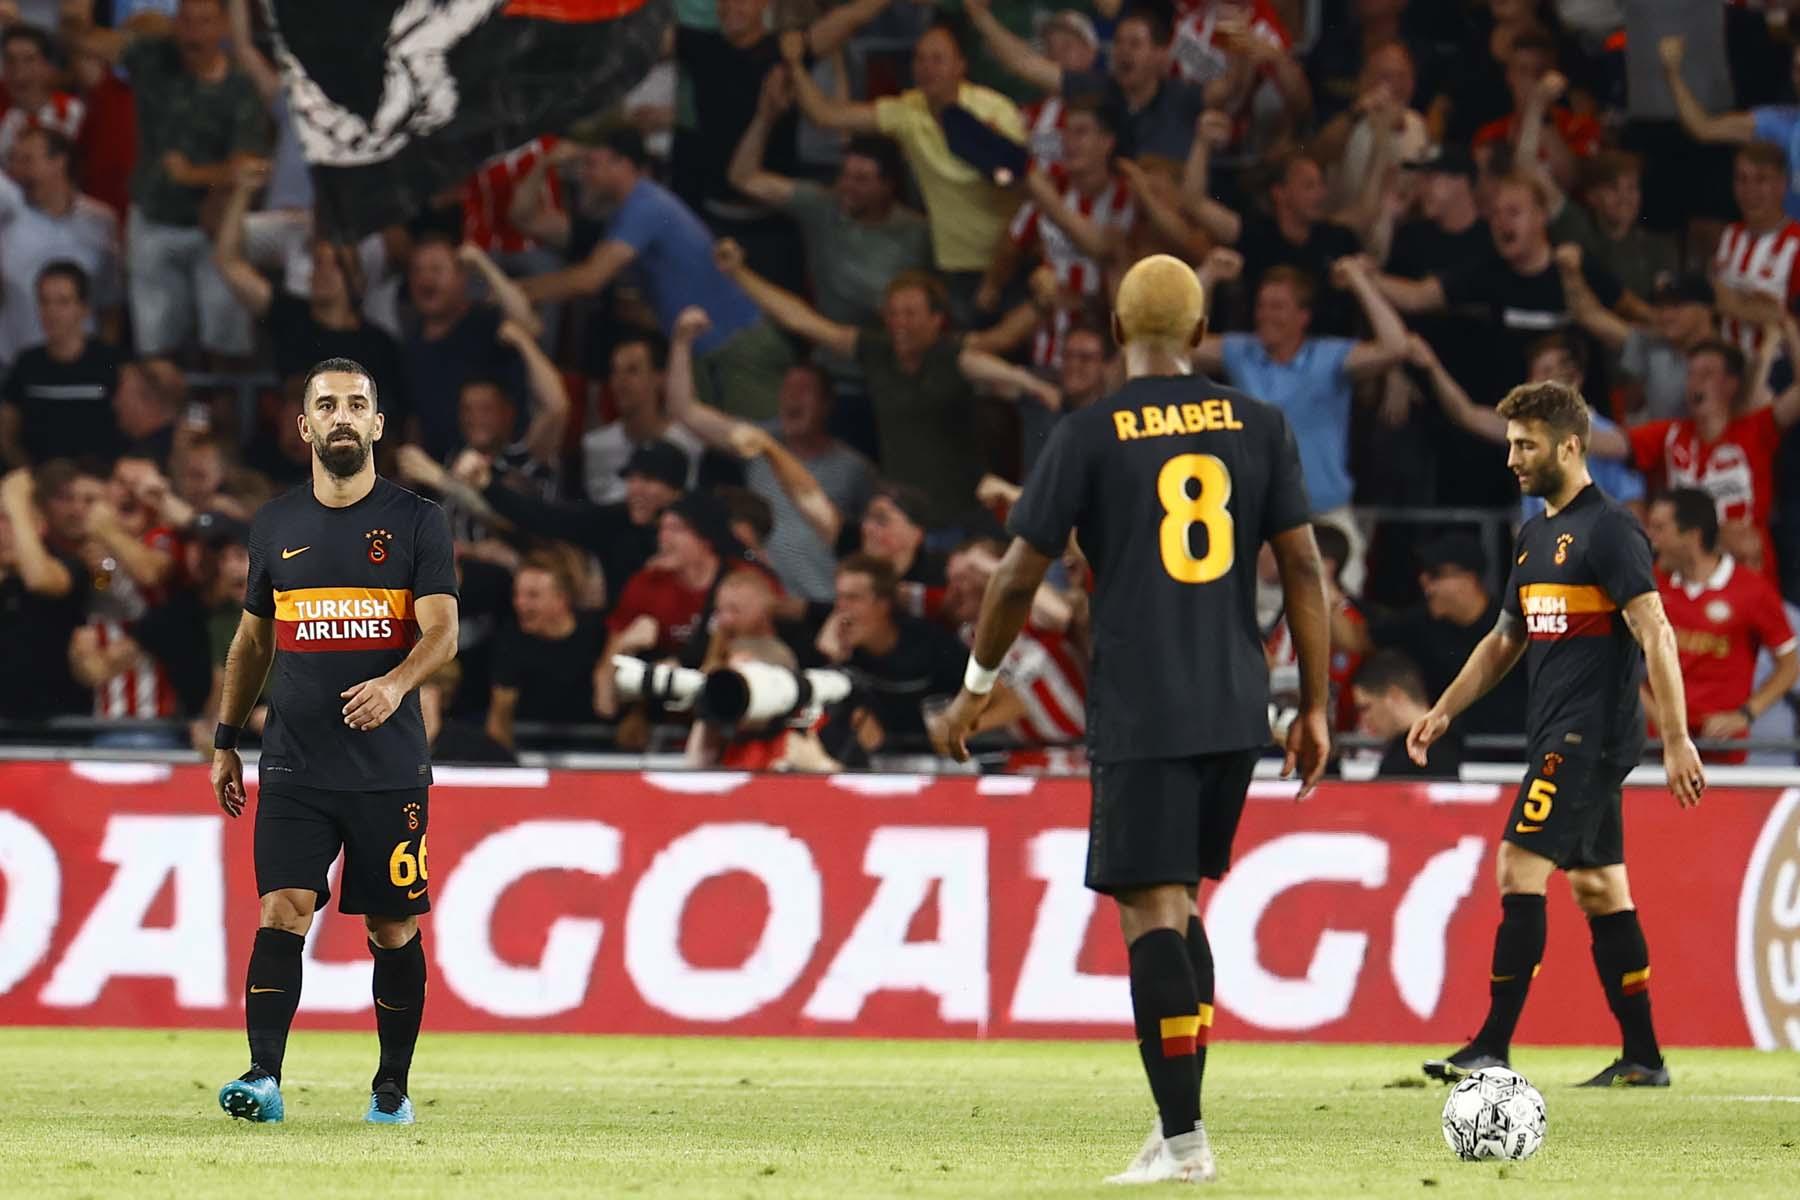 Şampiyonlar Ligi: Temsilcimiz Galatasaray, PSV'ye farklı yenildi: 5-1